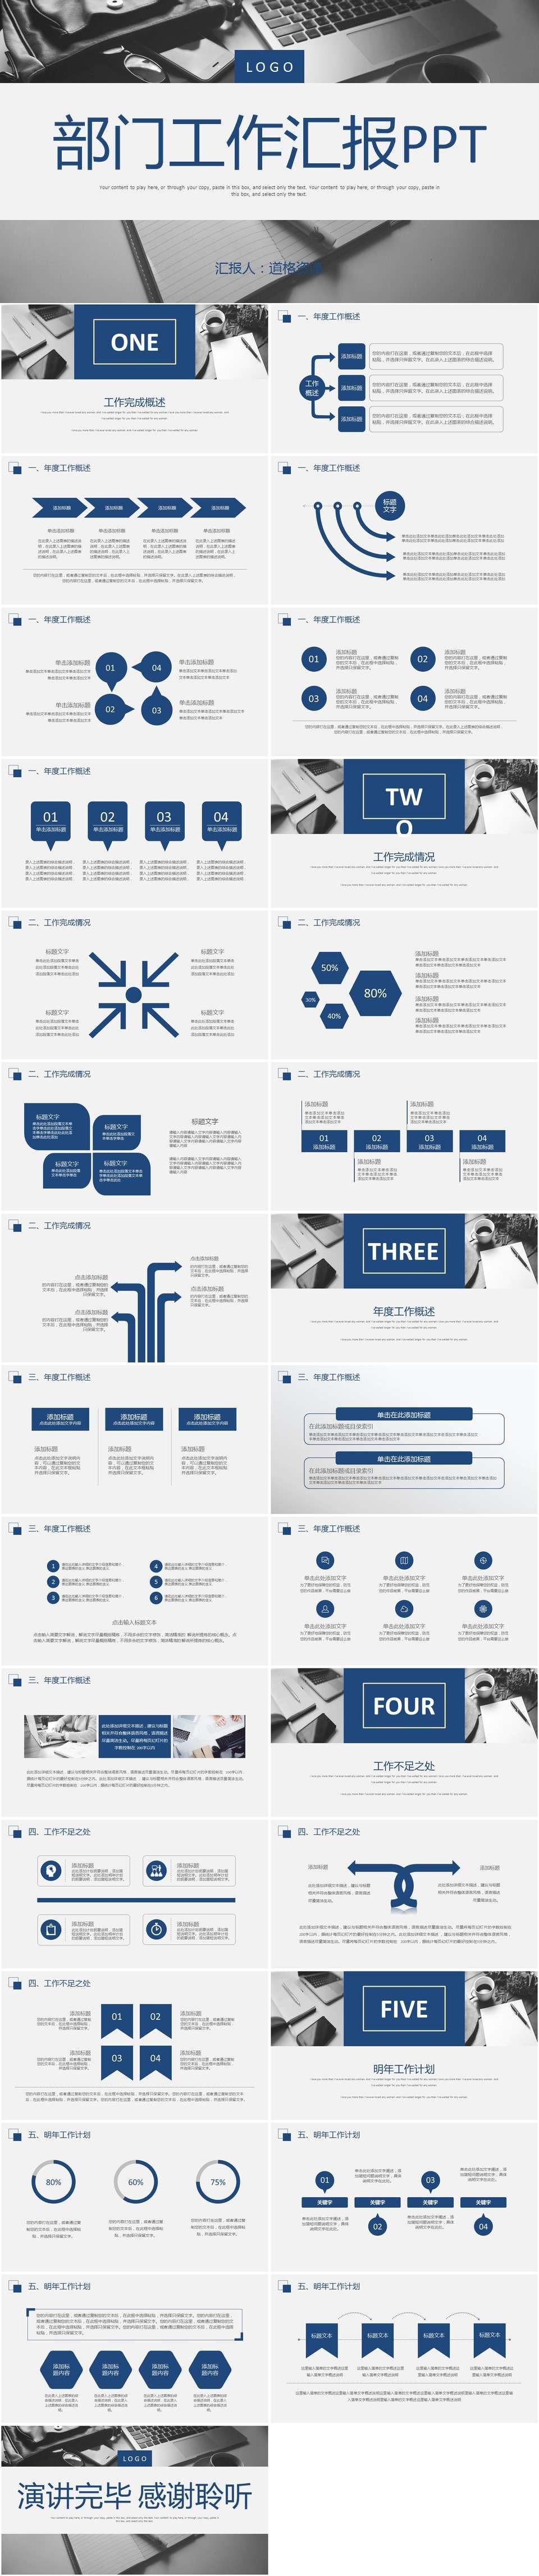 蓝色商务工作汇报计划PPT模板插图1